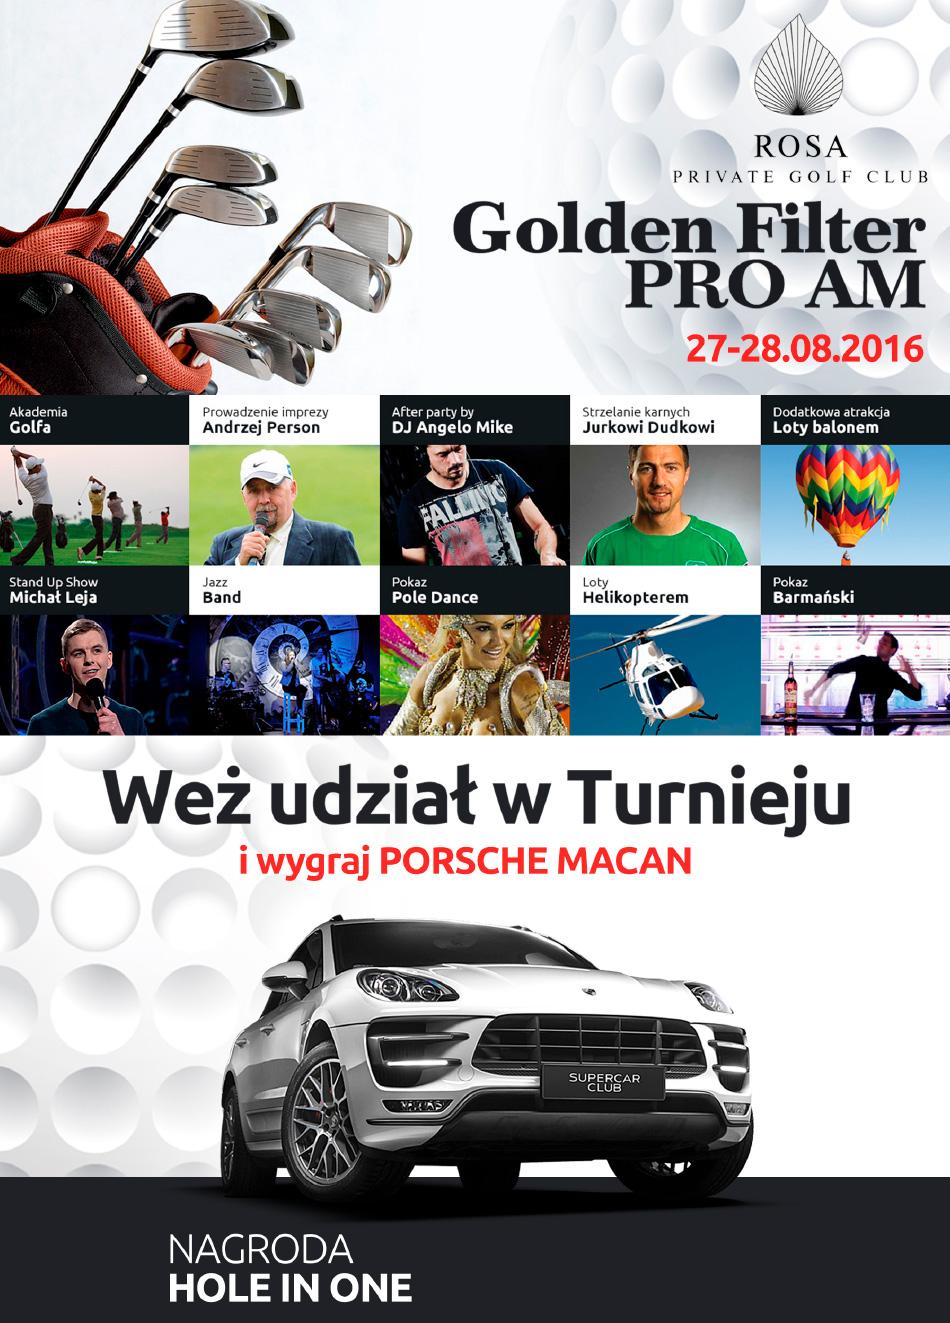 goldenfilter-proam